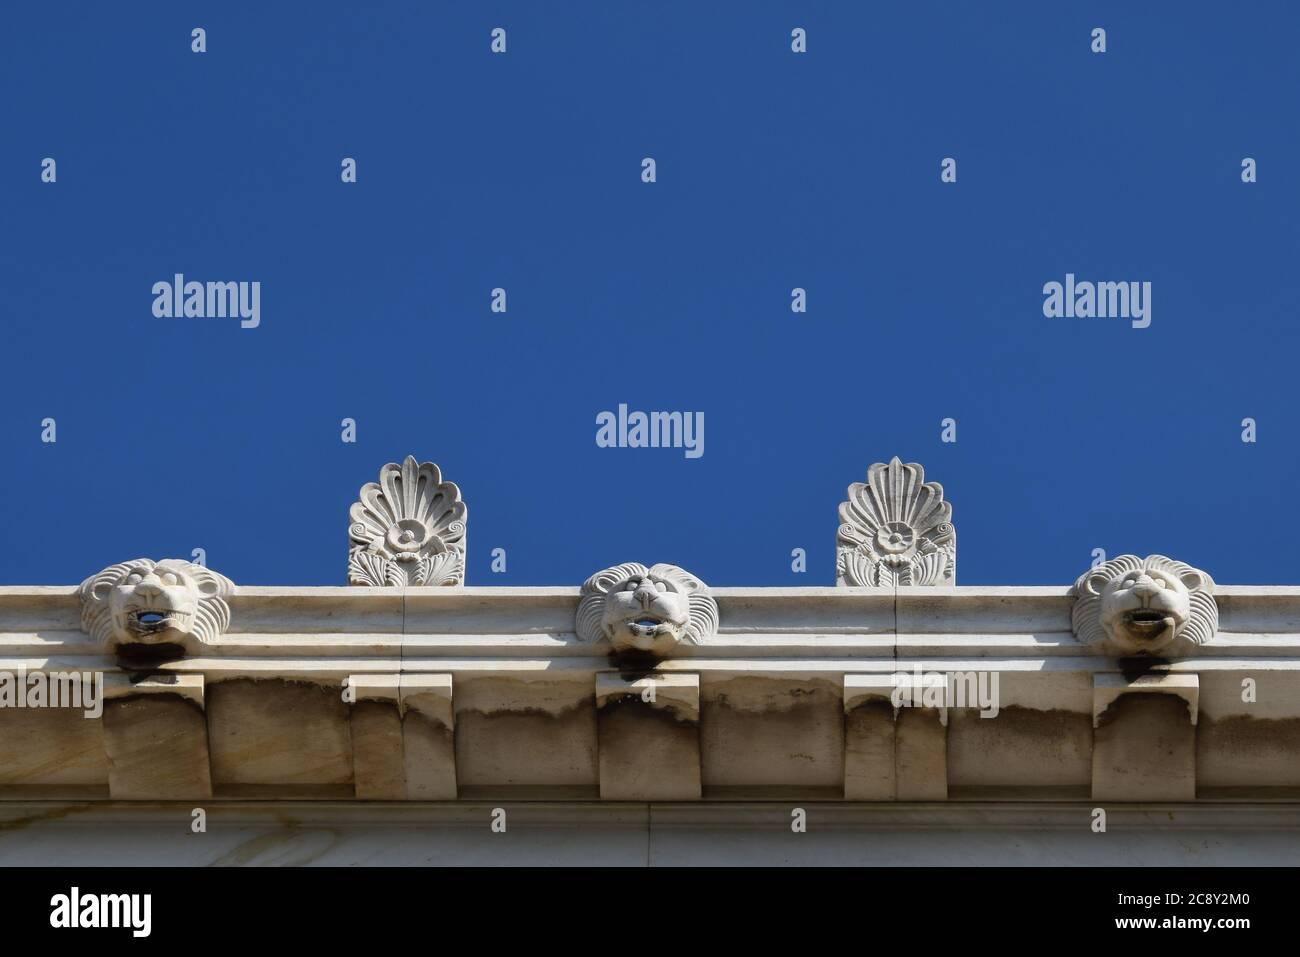 Ornamentos de palmette antefijo y cabeza de león drenan las boquillas de agua en el techo de Stoa Attalos en el Ágora Antiguo de Atenas, Grecia. Detalle arquitectónico. Foto de stock